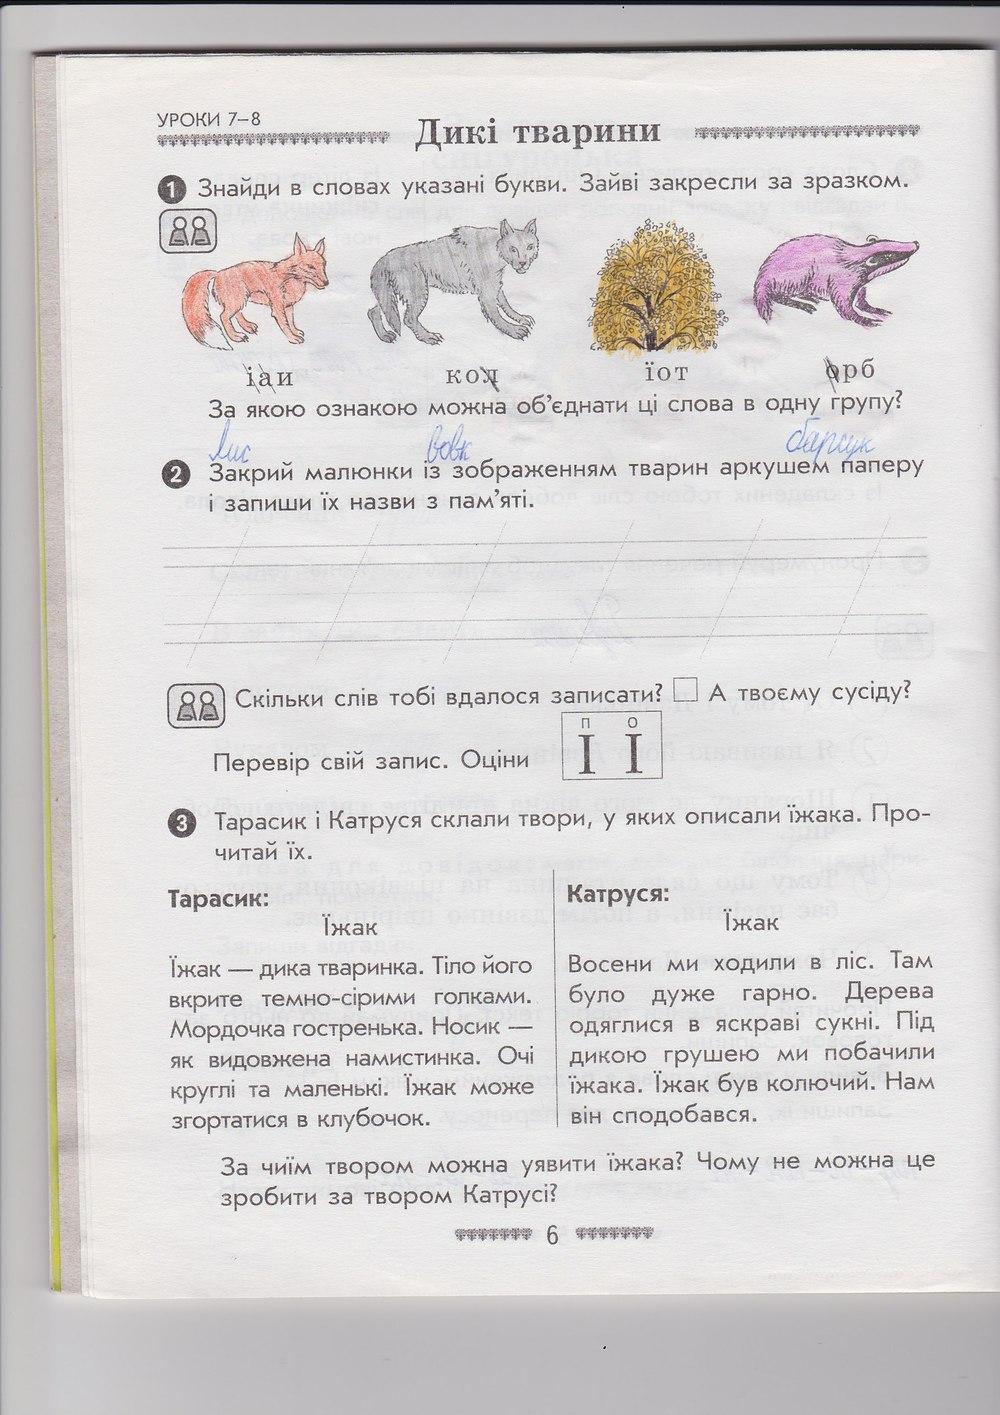 ГДЗ відповіді робочий зошит по рiдна/укр. мова 2 класс Кобзар О. Г.. Задание: стр. 6